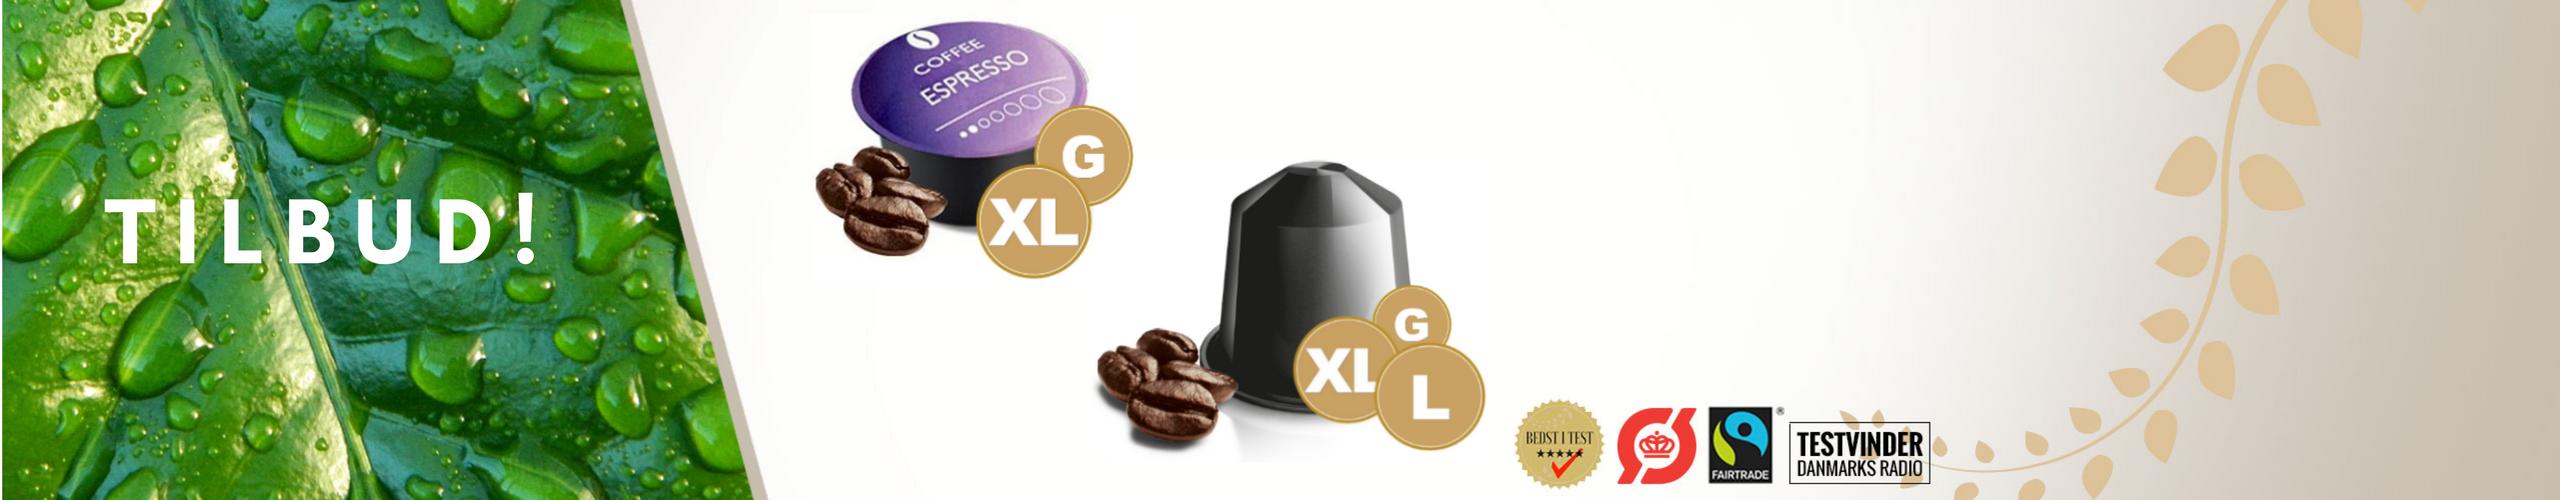 Få GRATIS ekstra kaffe når du bestiller Large-, XL- eller Giga-pakken!